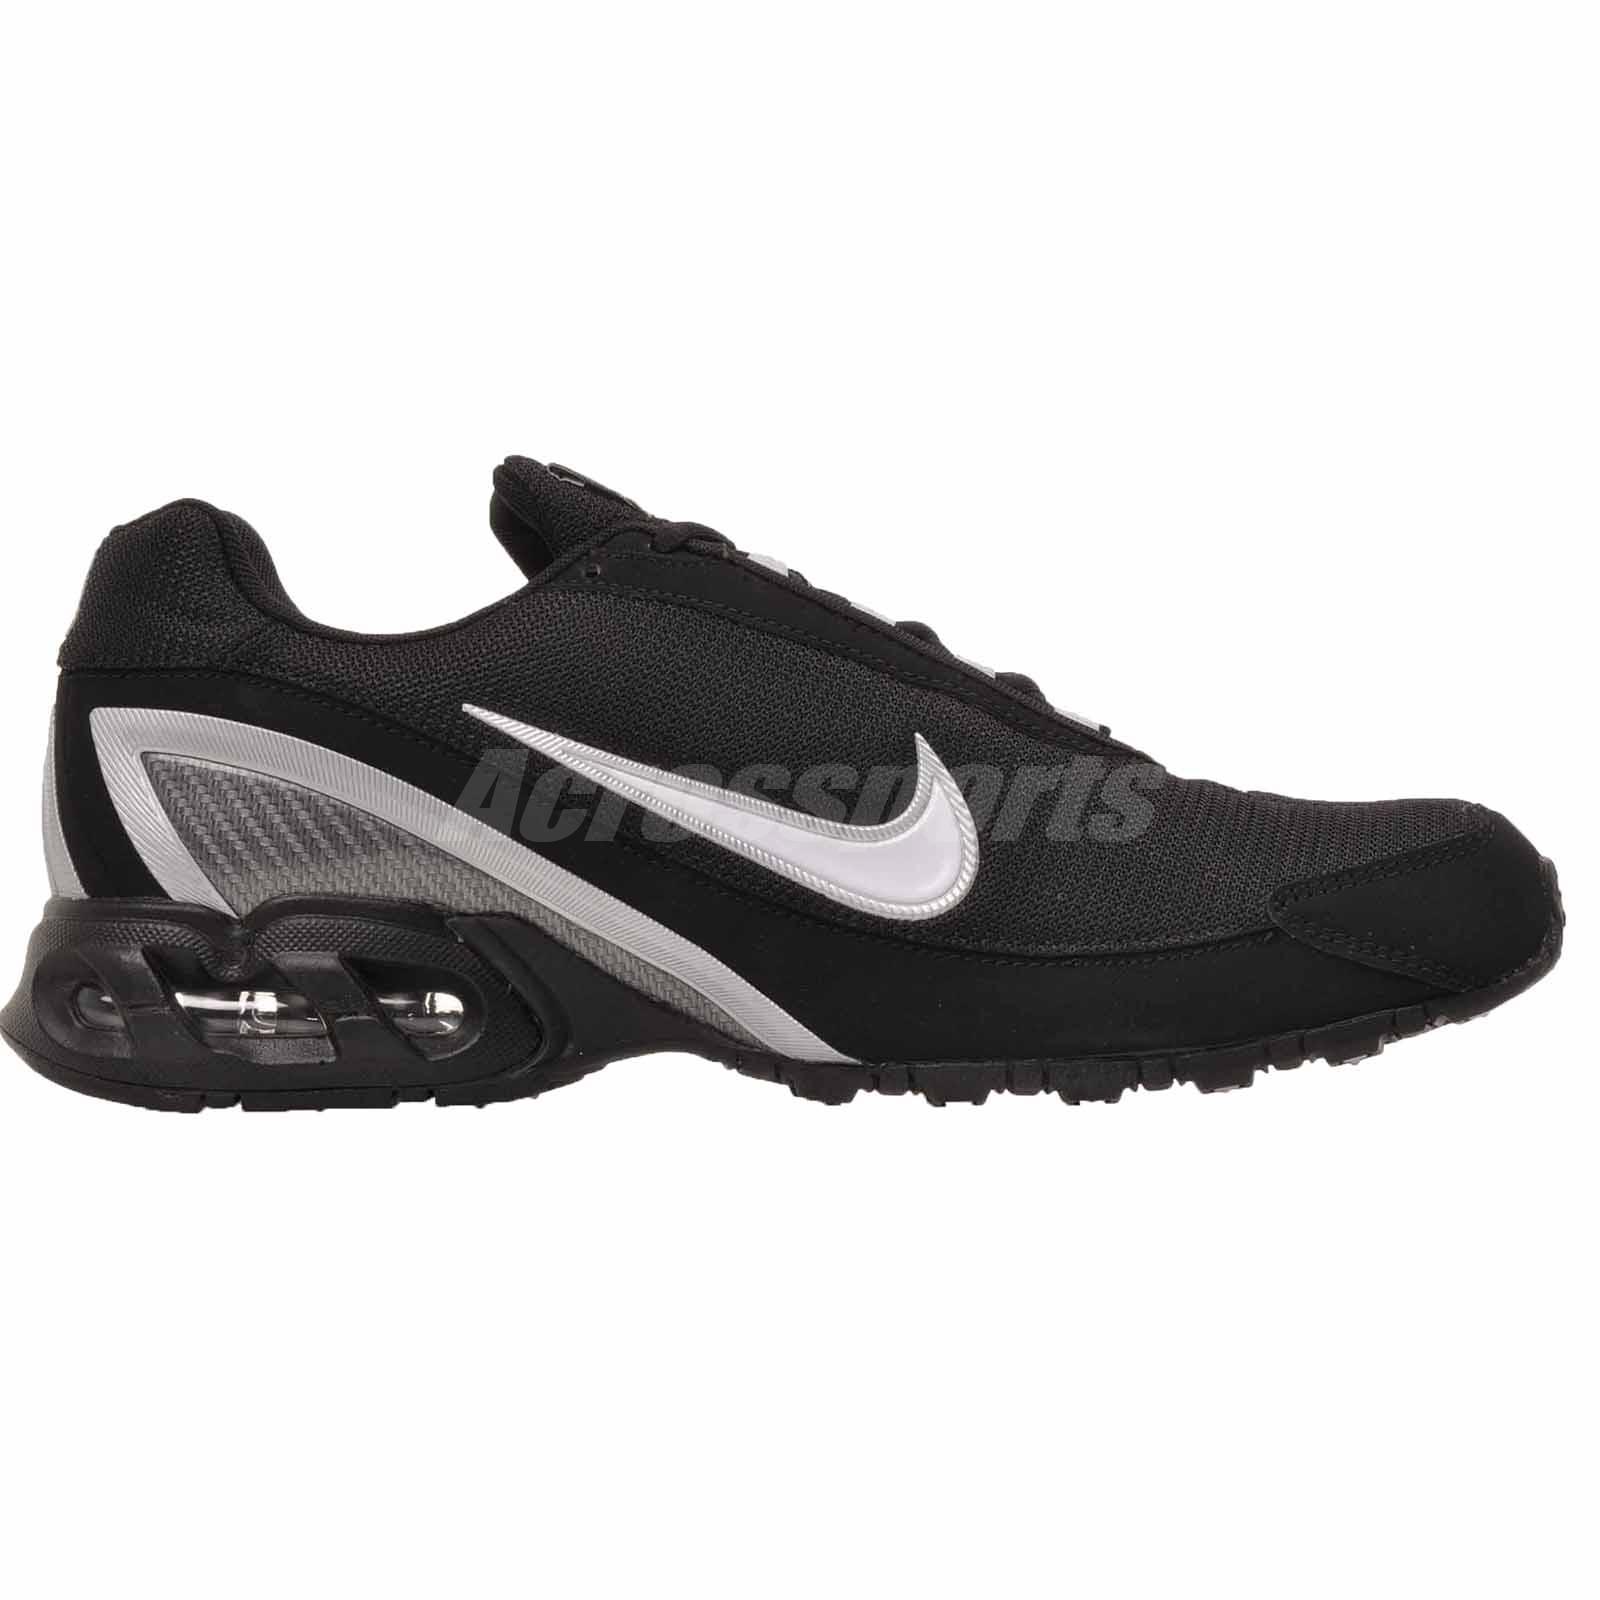 e4070e12105d8 Nike Air Max Torch 3 Running Mens Shoes Black White 319116-011